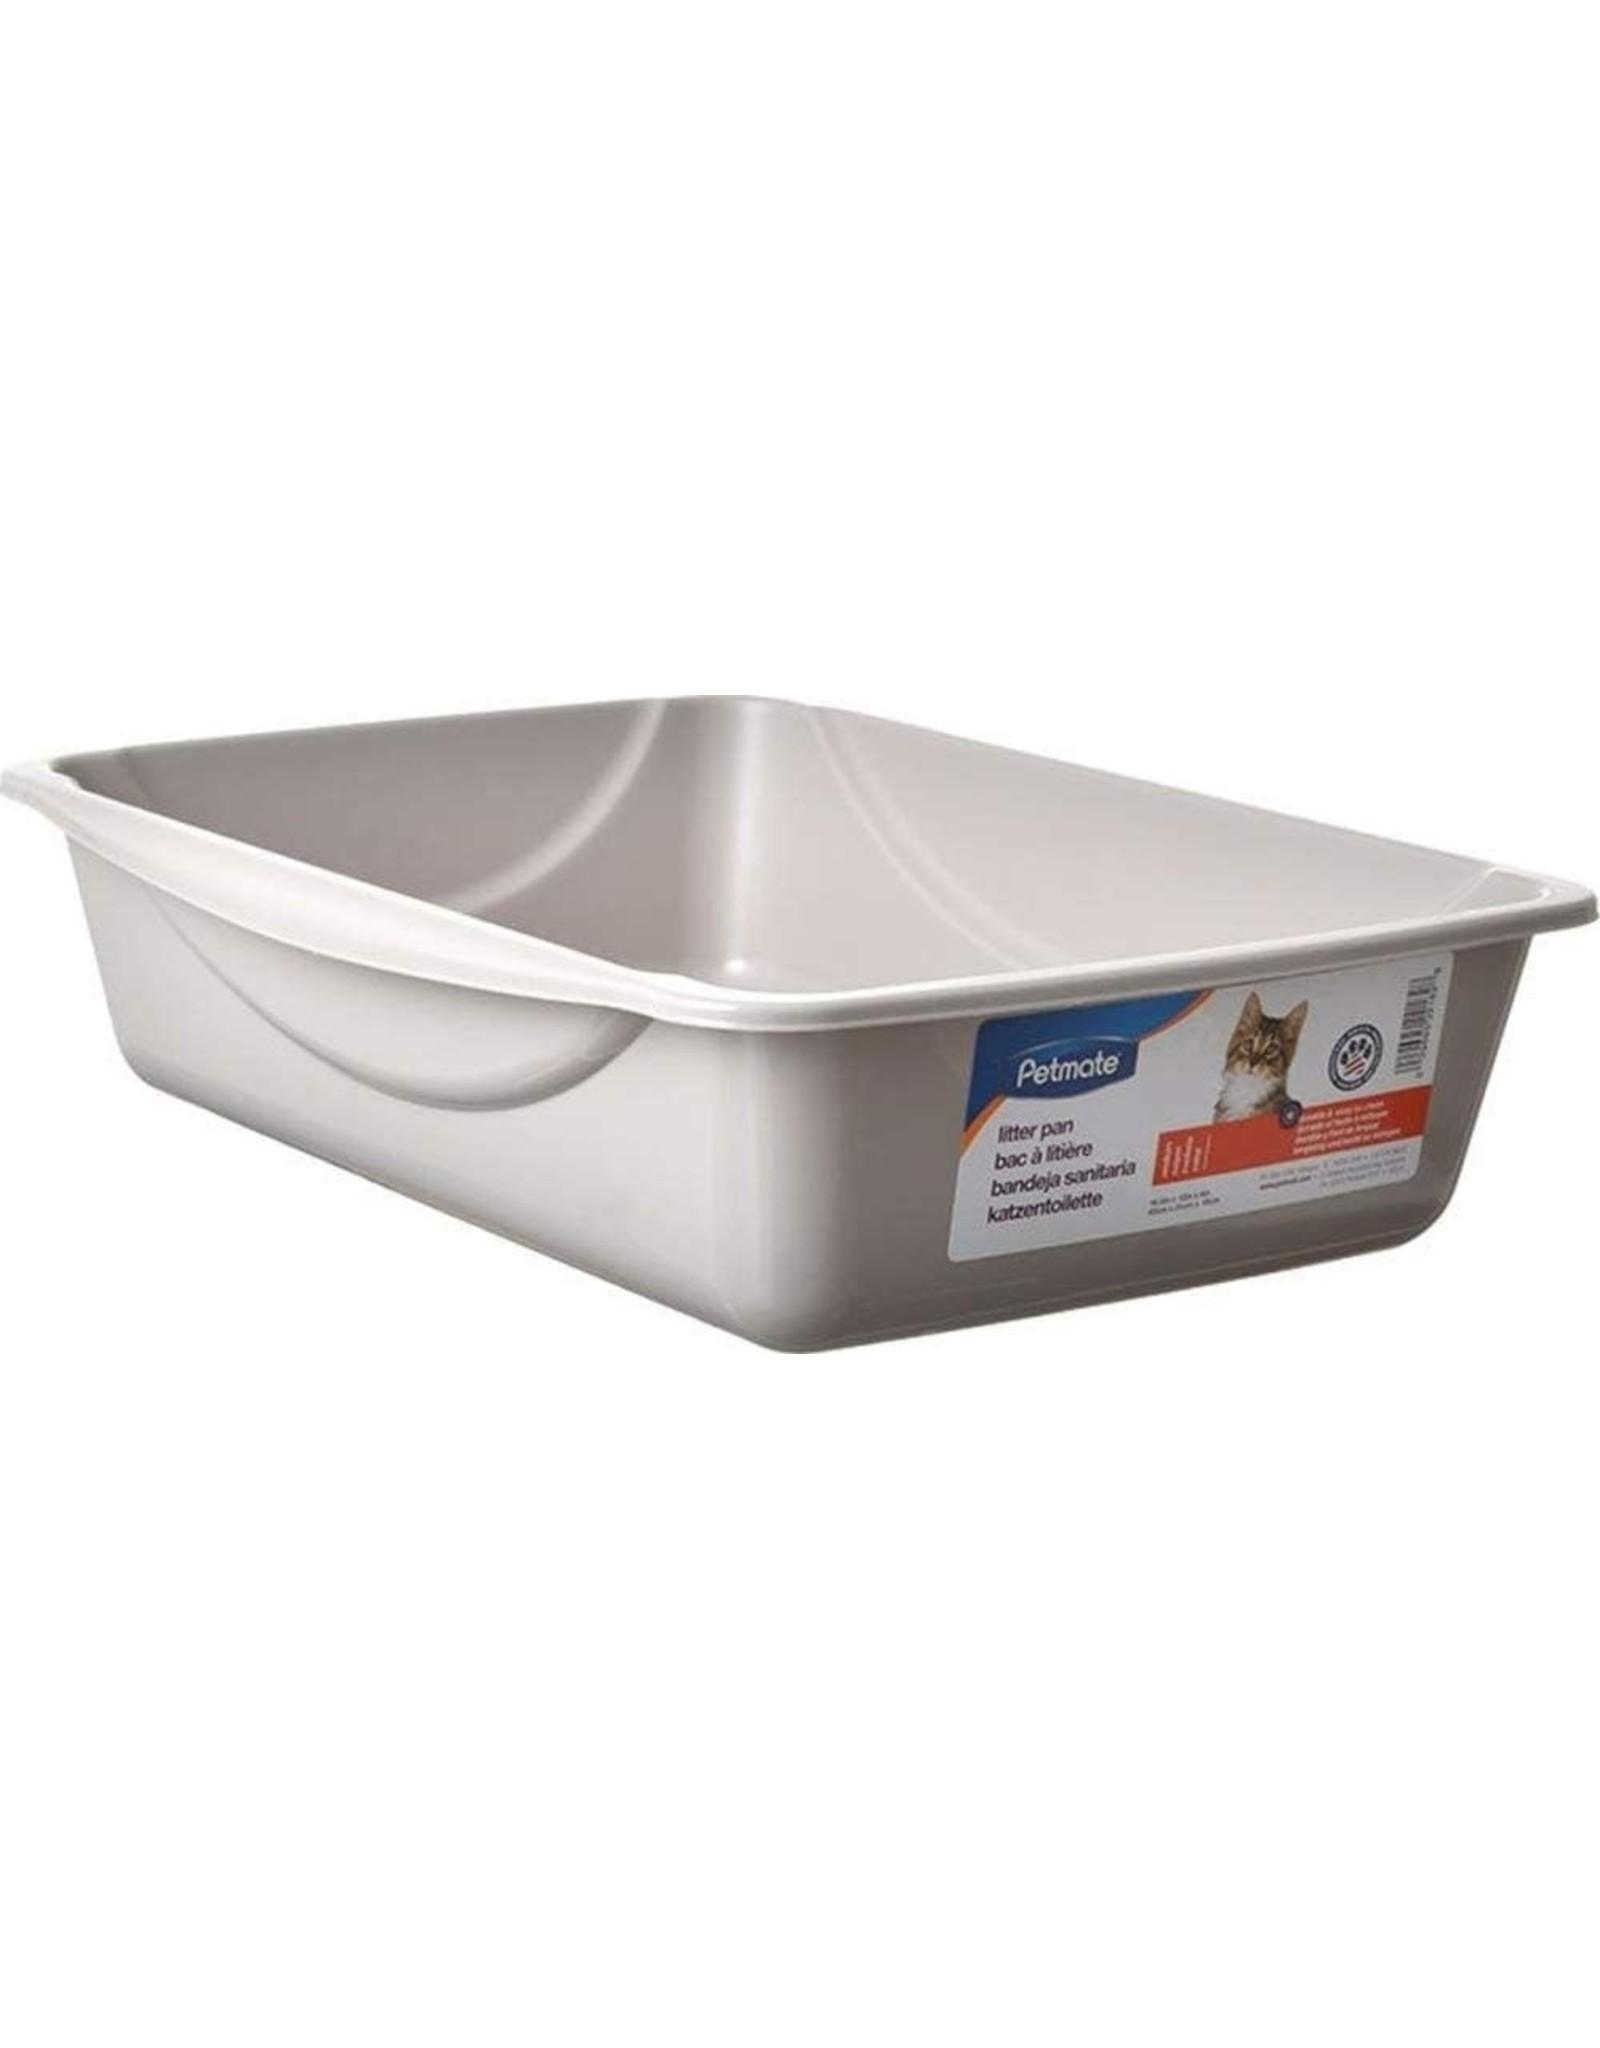 Petmate PETMATE BASIC LITTER PAN